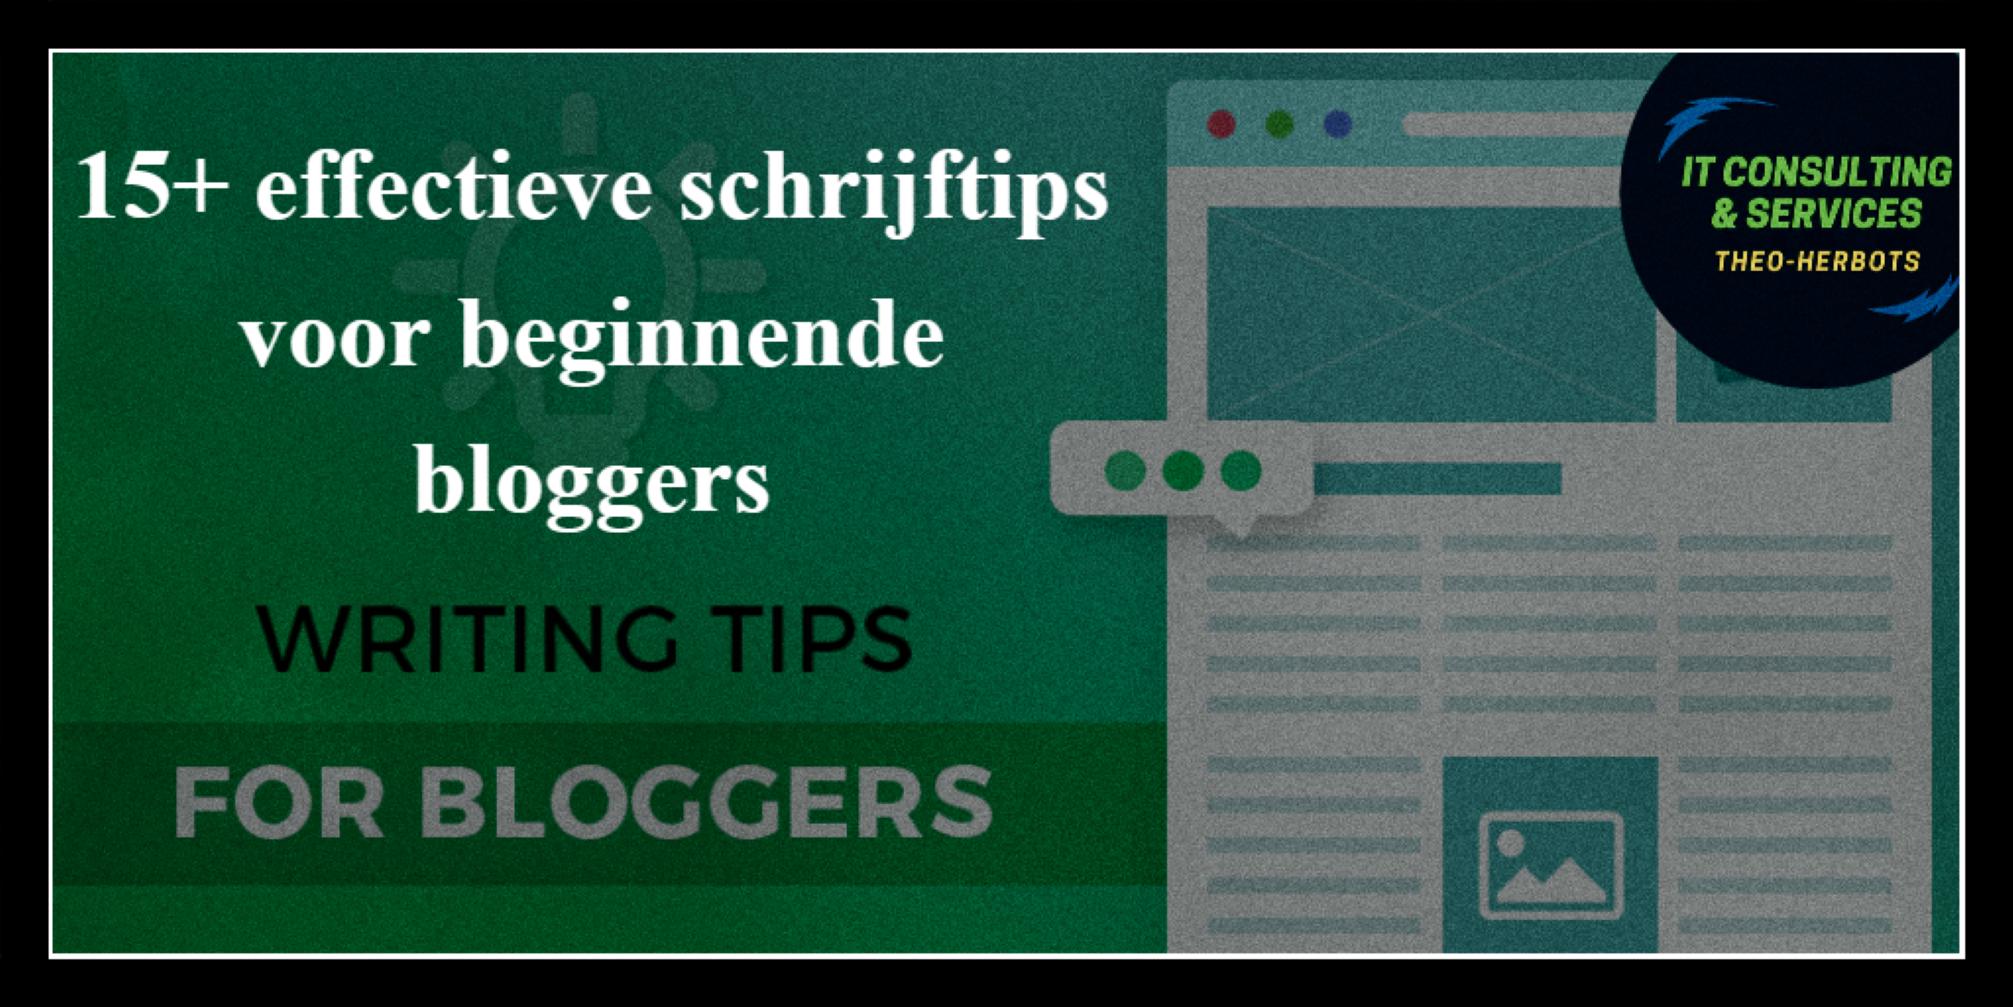 15+ effectieve schrijftips voor beginnende bloggers